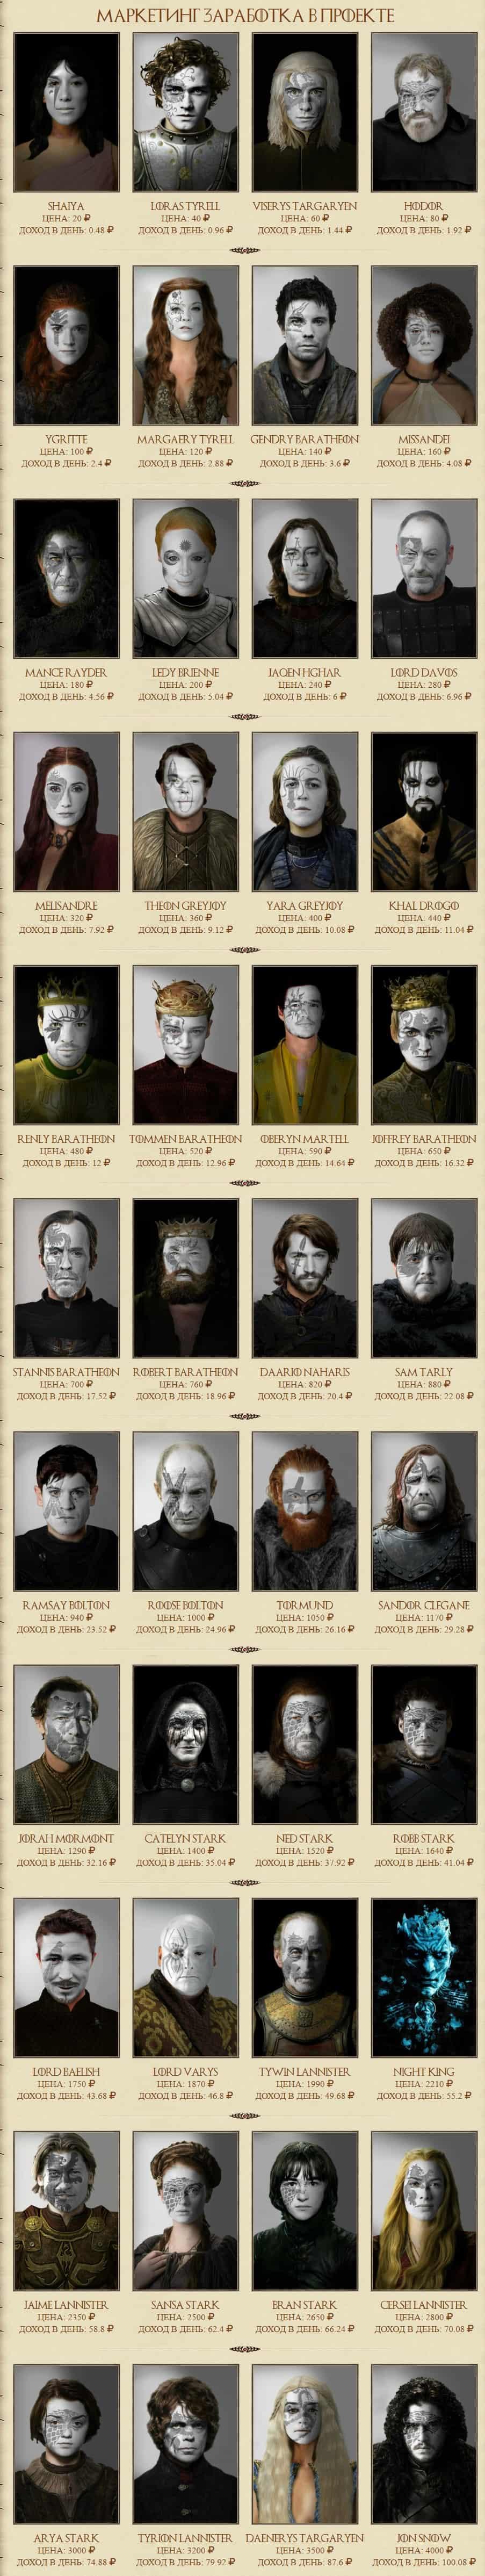 маркетинг проекта Game of Thrones